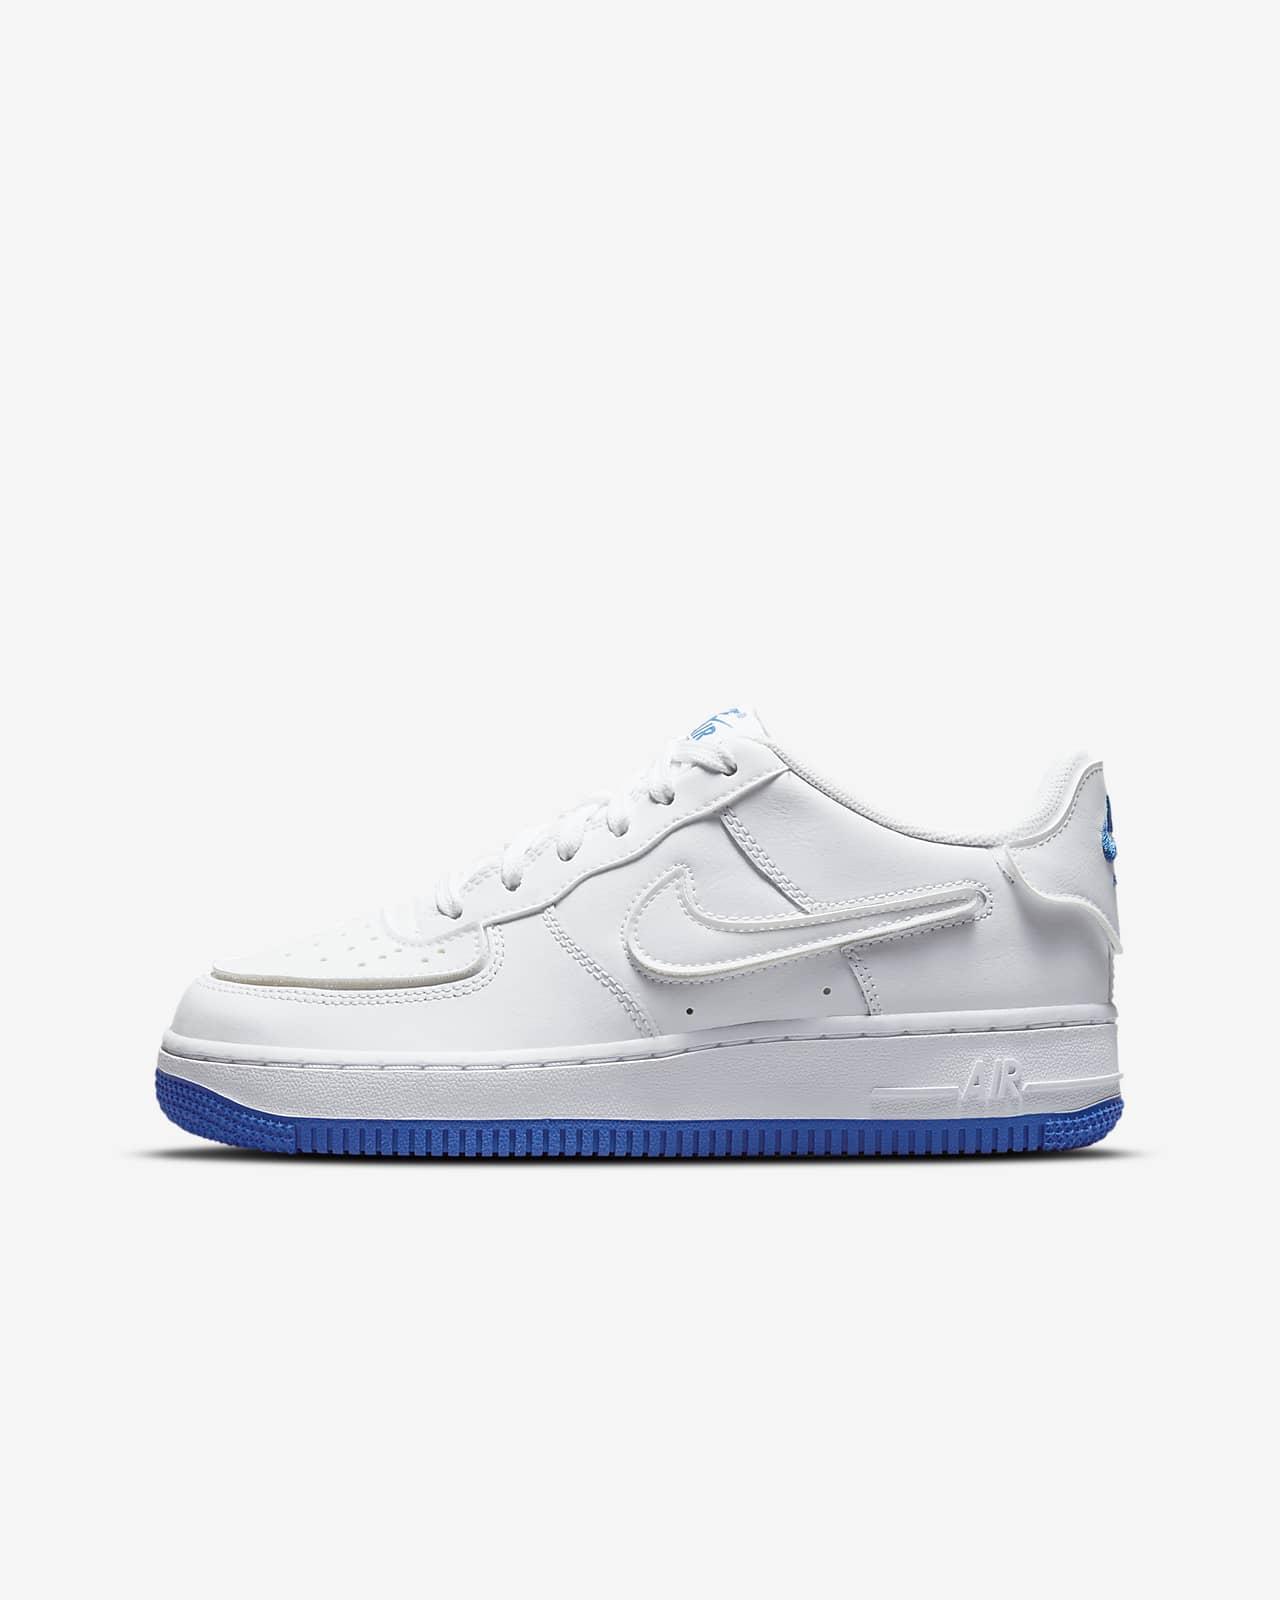 Παπούτσι Nike Air Force 1/1 για μεγάλα παιδιά